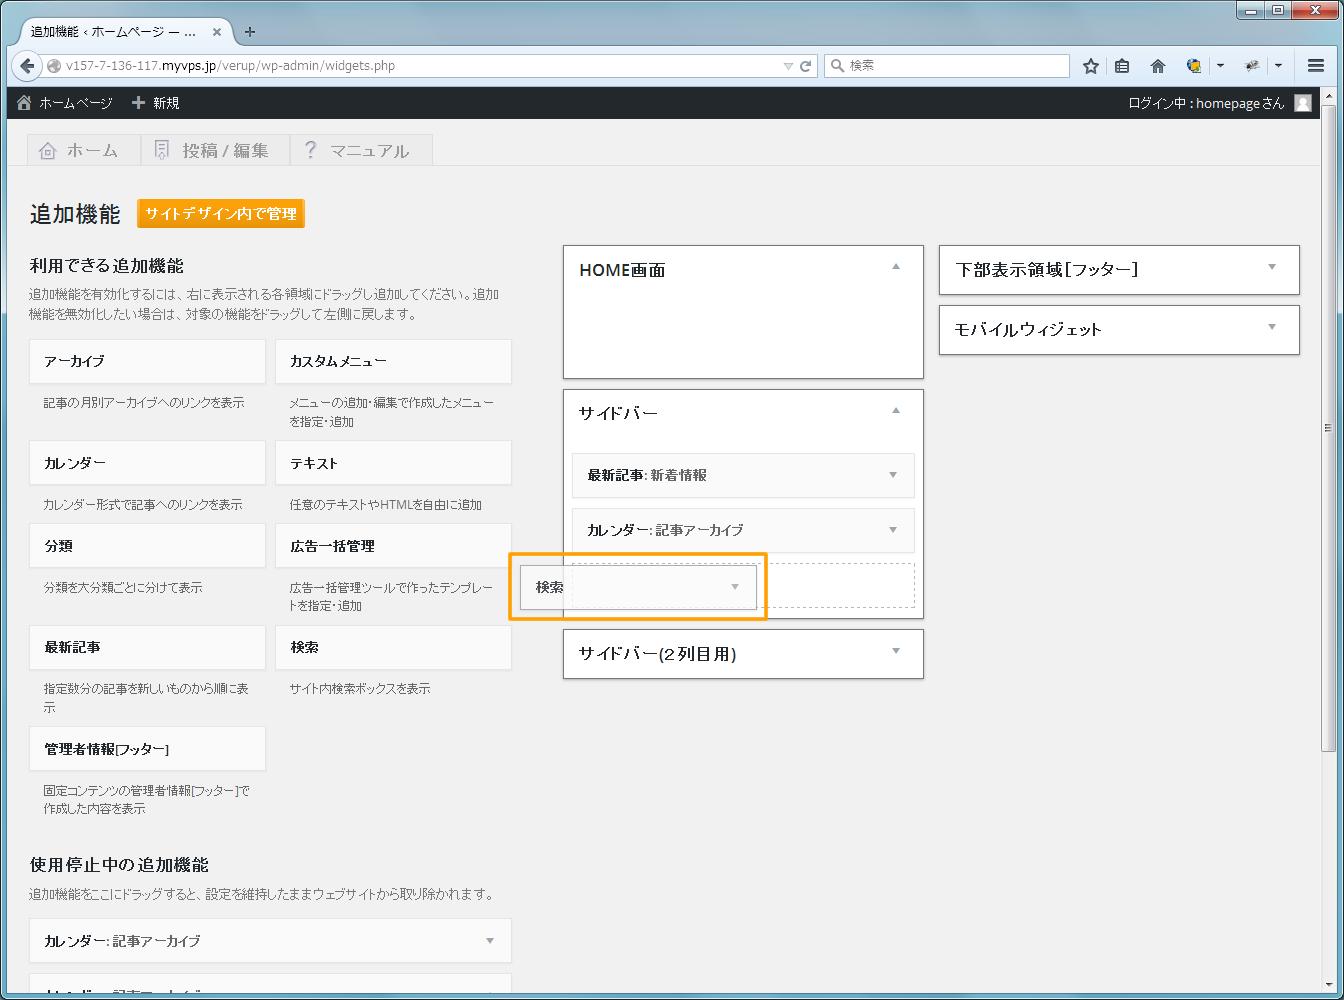 各種機能の追加 ドラッグ 詳細設定 | 初期費用無料ホームページ作成サイト - FunMaker